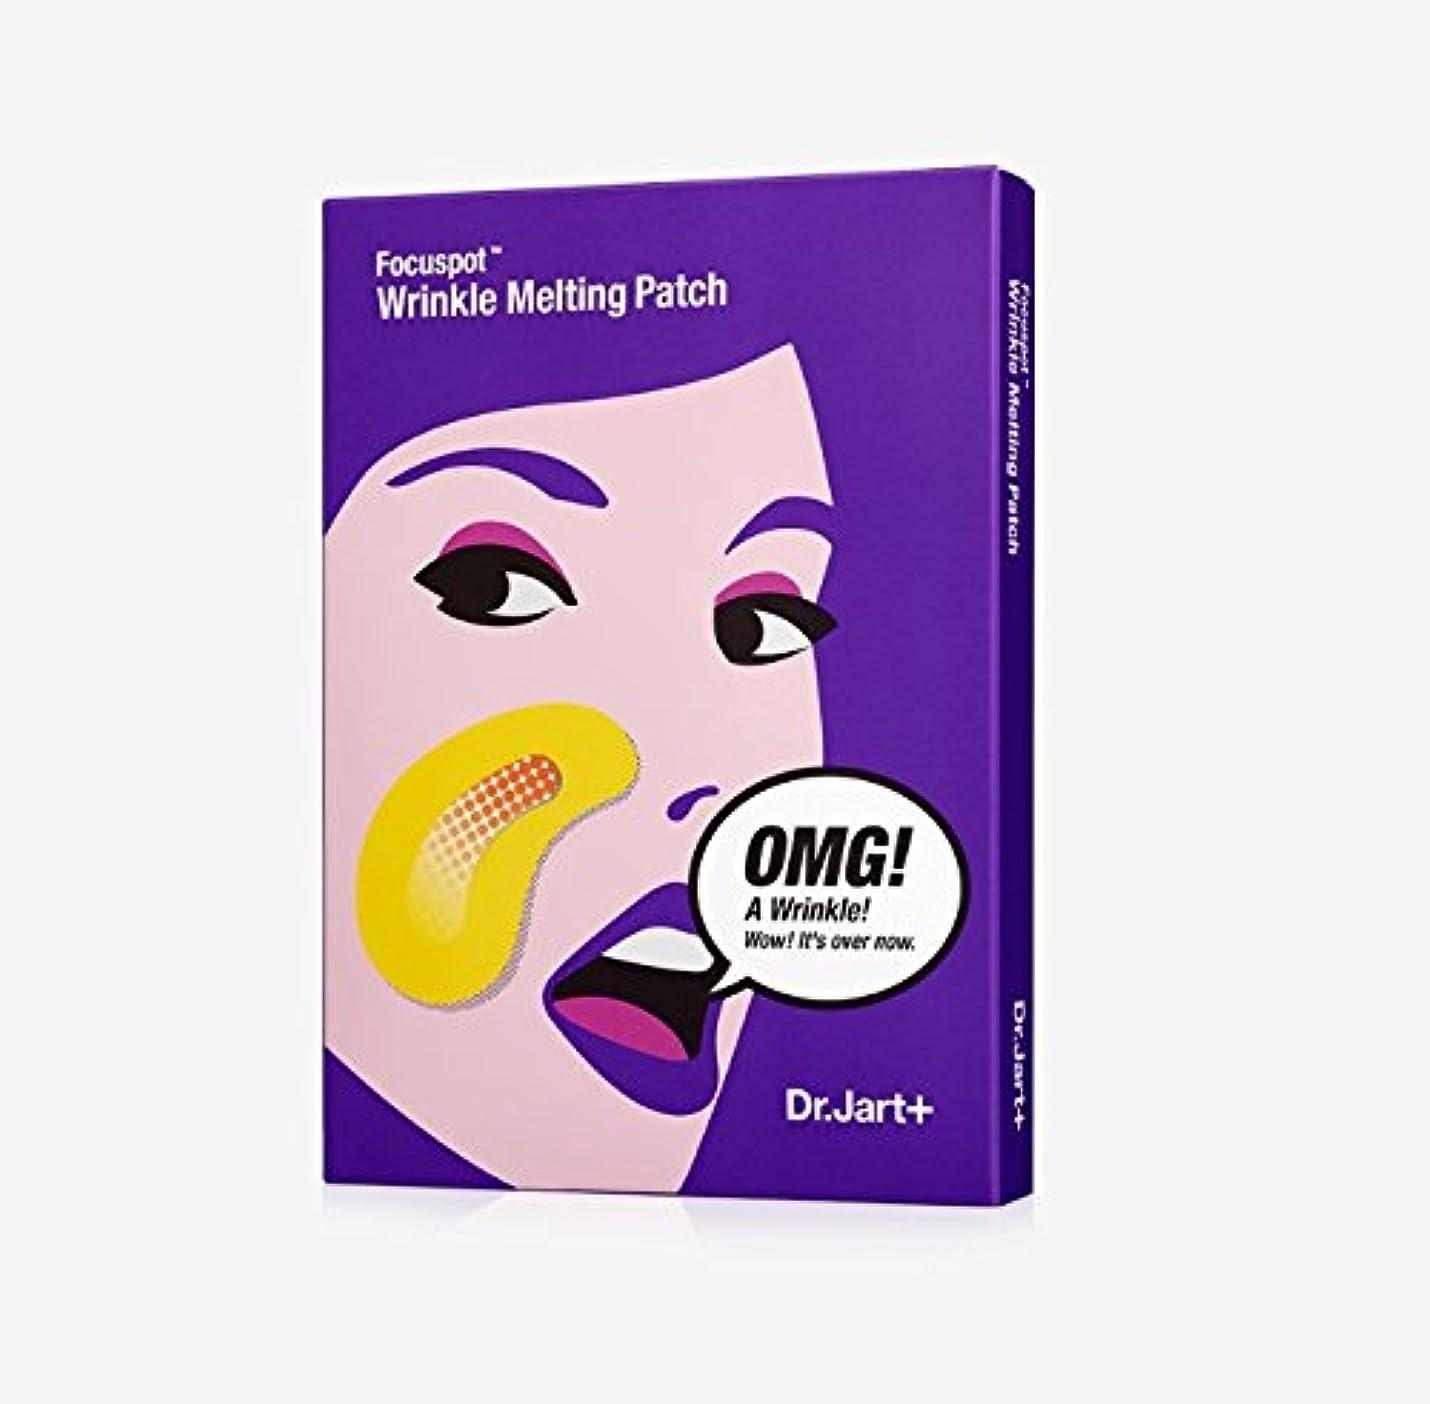 納得させる戦いコジオスコ[Dr.Jart+] ドクタージャルトゥ ポーカースポット リンクル メルティング パッチ 5回分/Focuspot Wrinkle Melting Patch [並行輸入品]